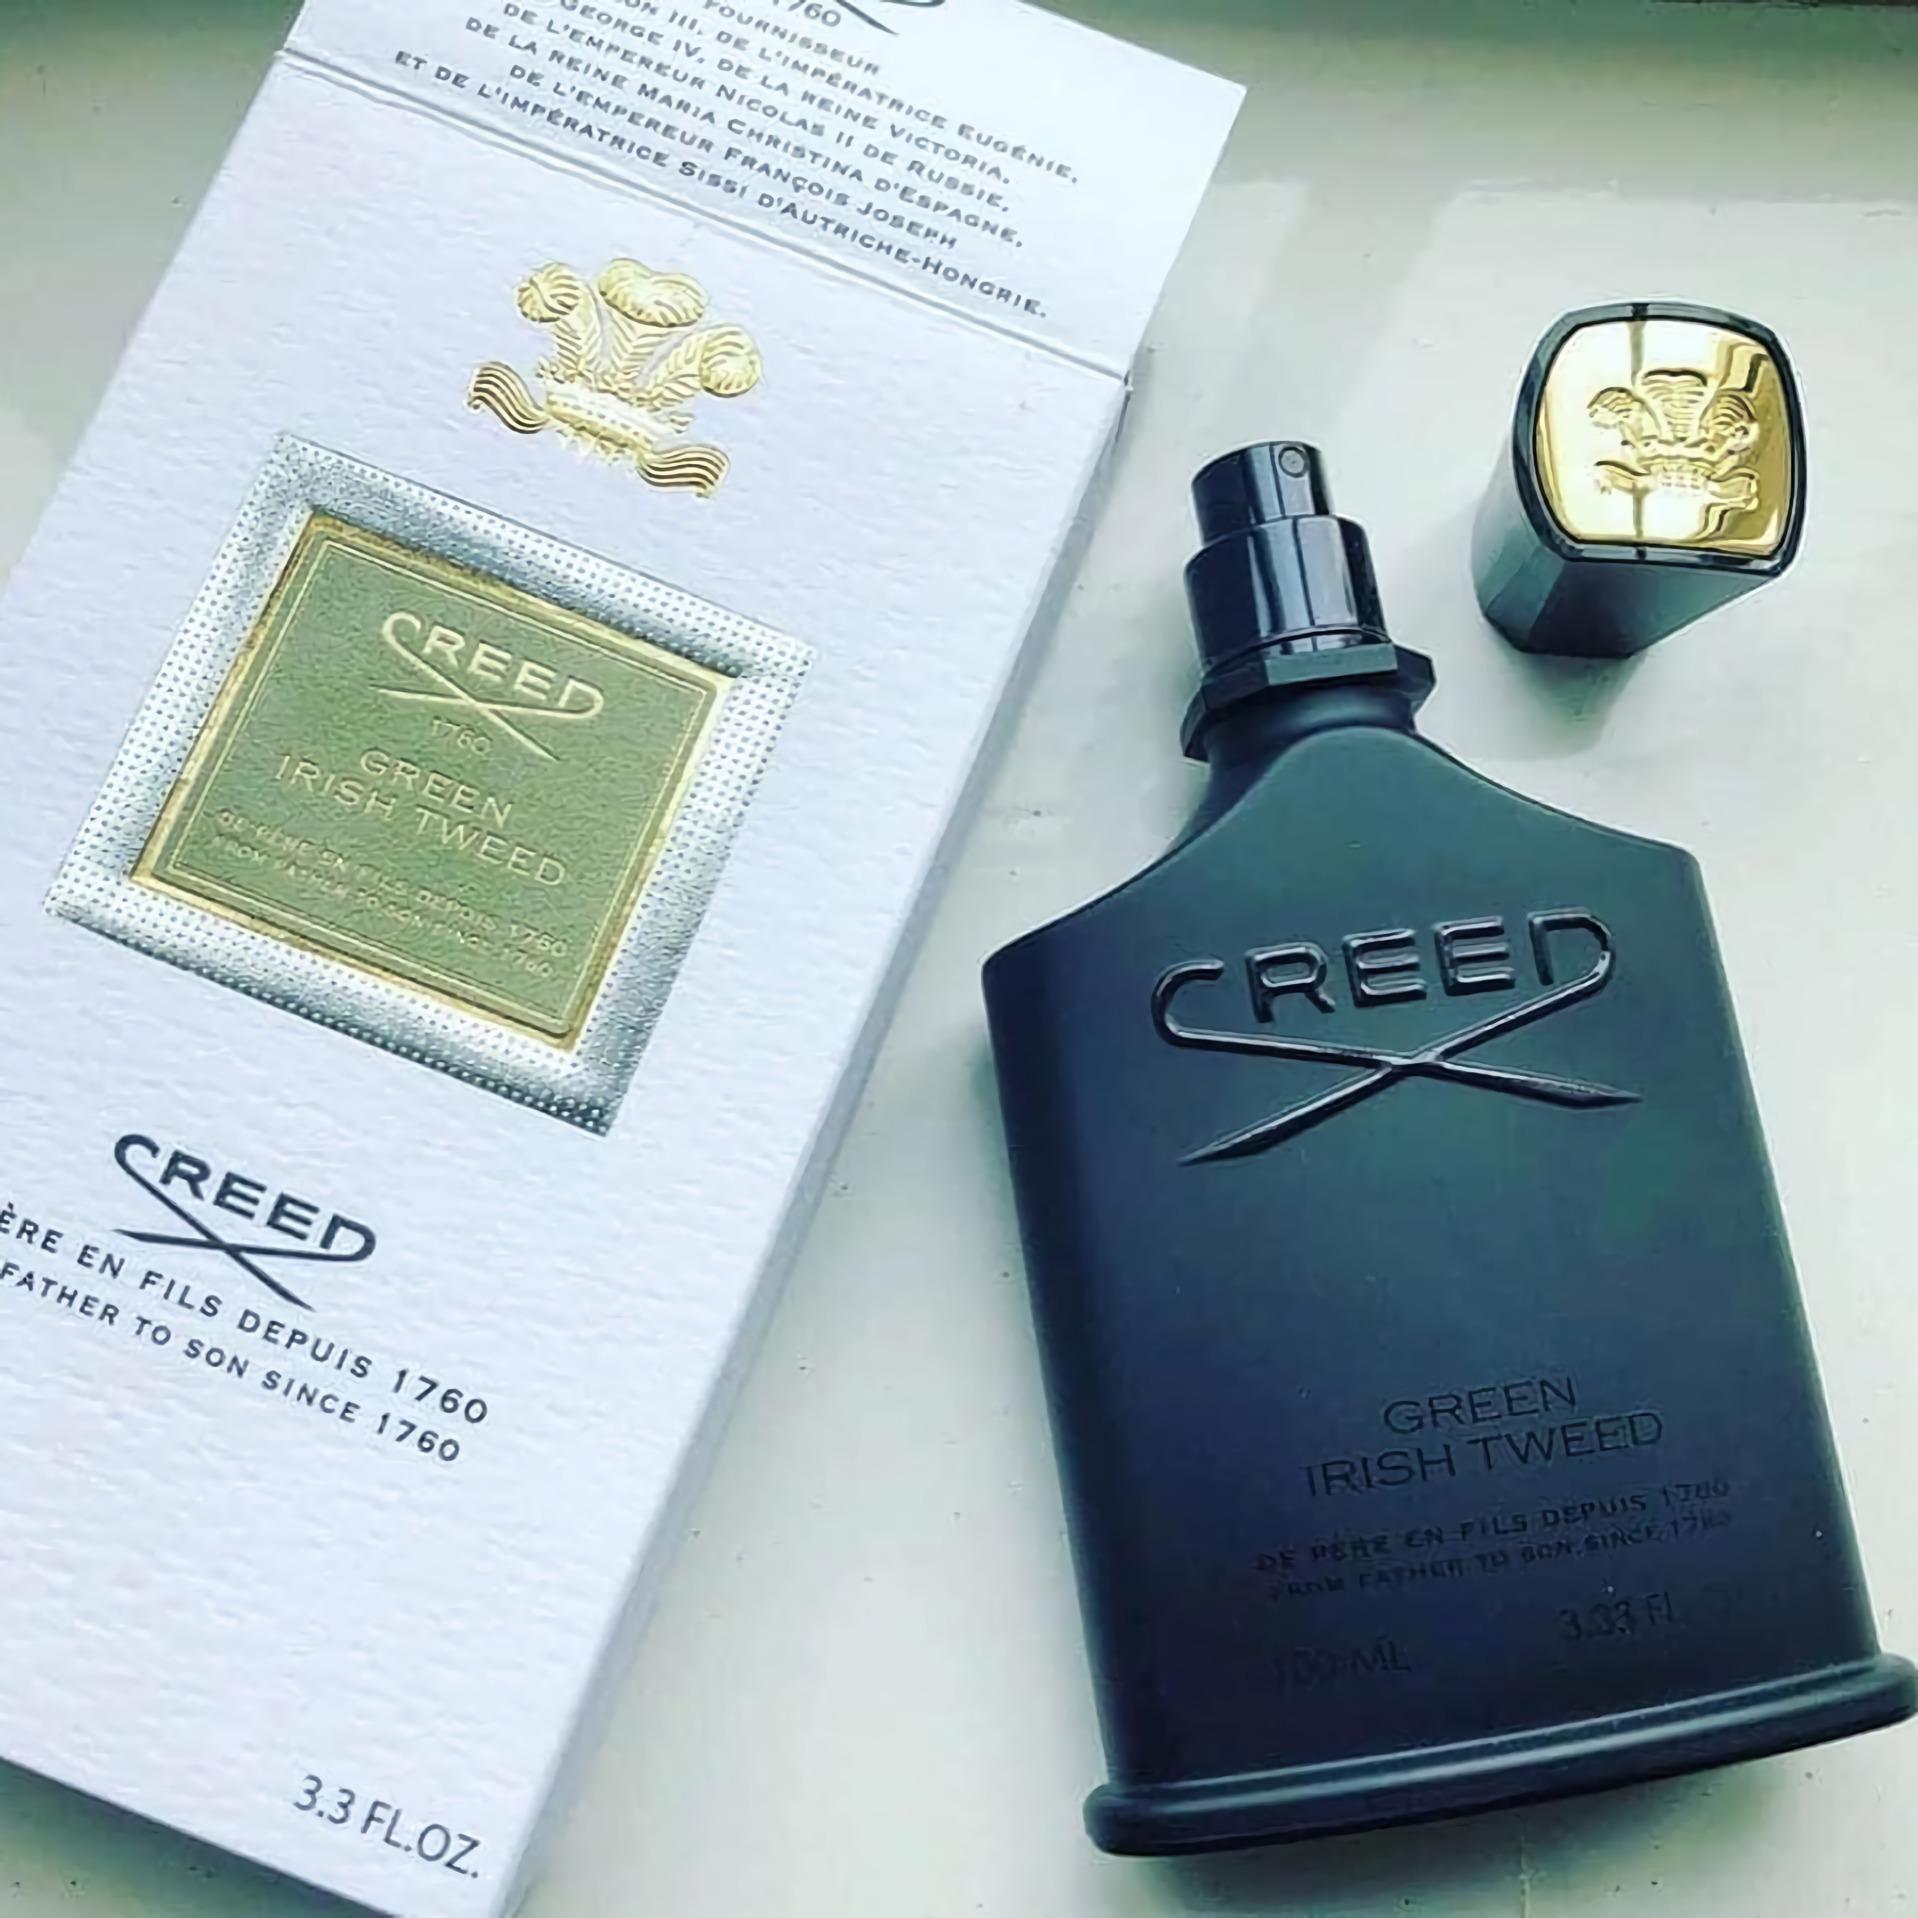 лучшие весенние духи для мужчин с зеленым запахом Creed Green Irish Tweed